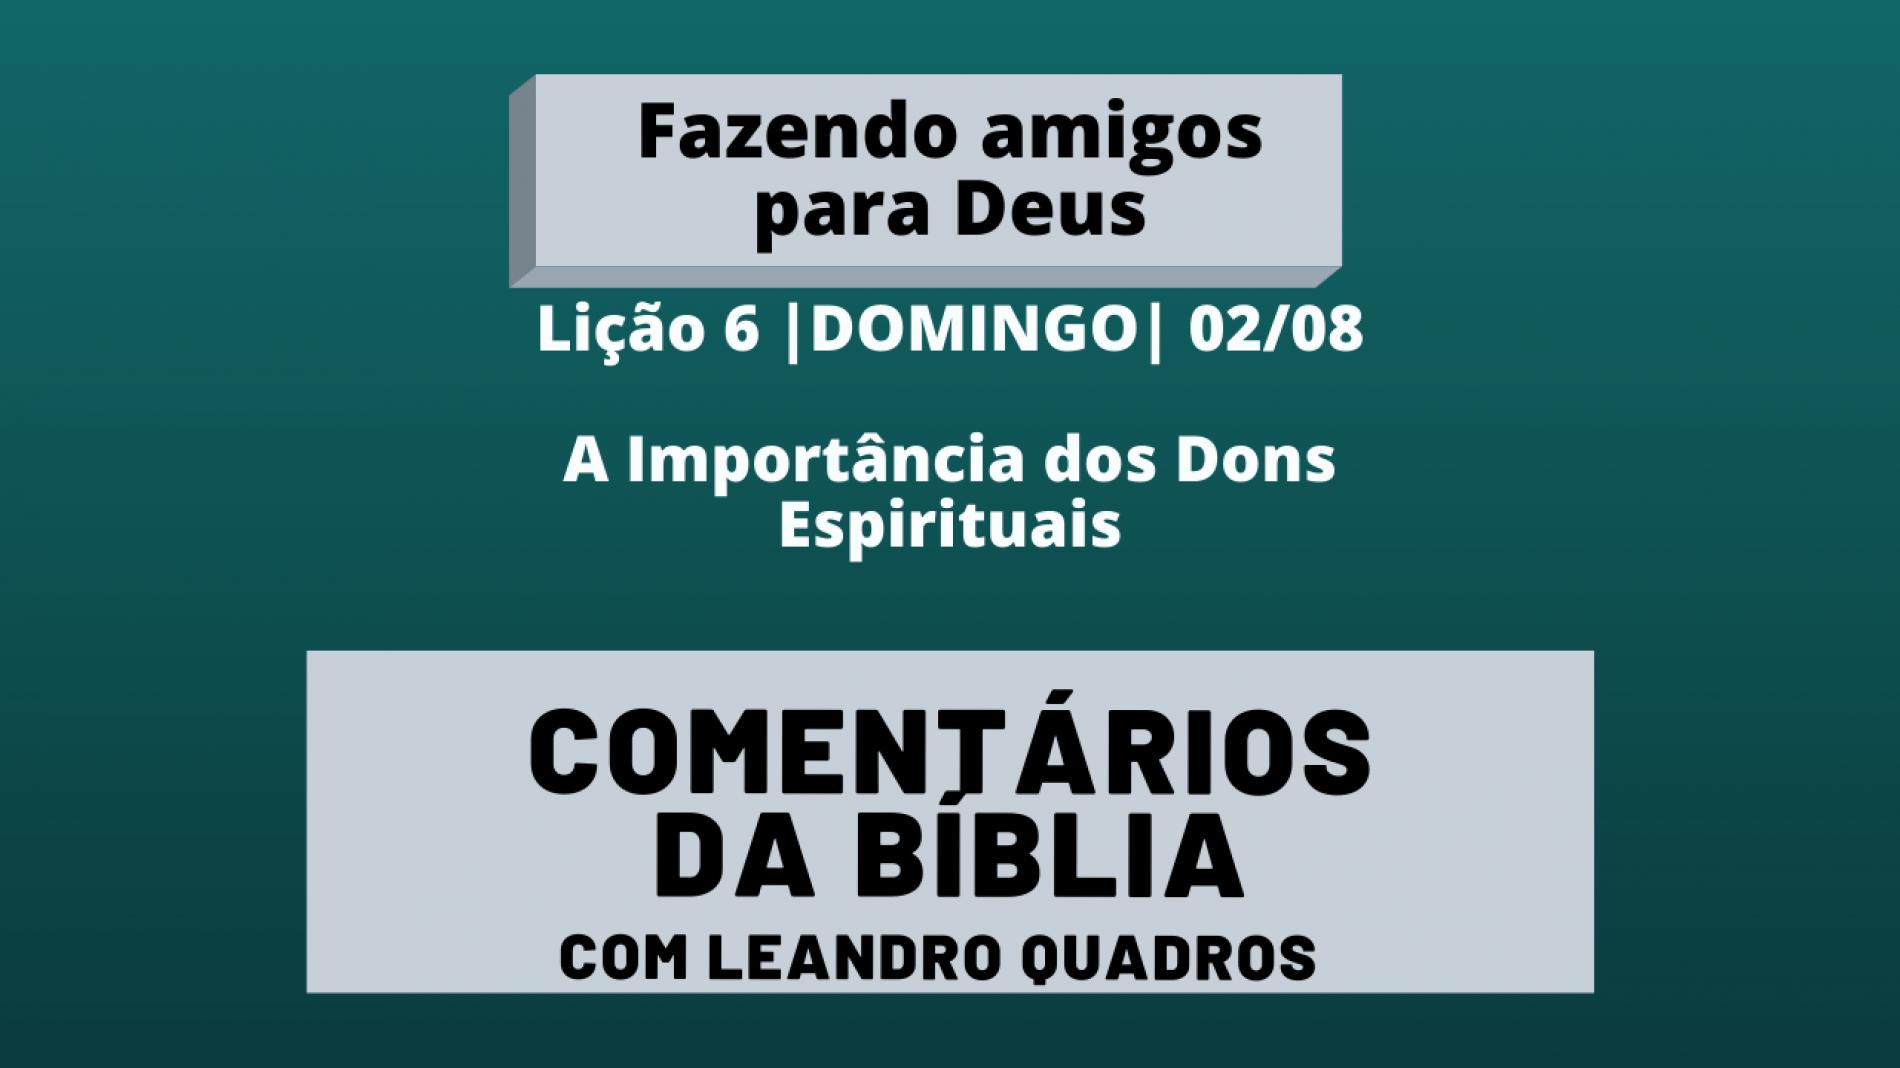 Domingo 02/08 – A Importância dos Dons Espirituais